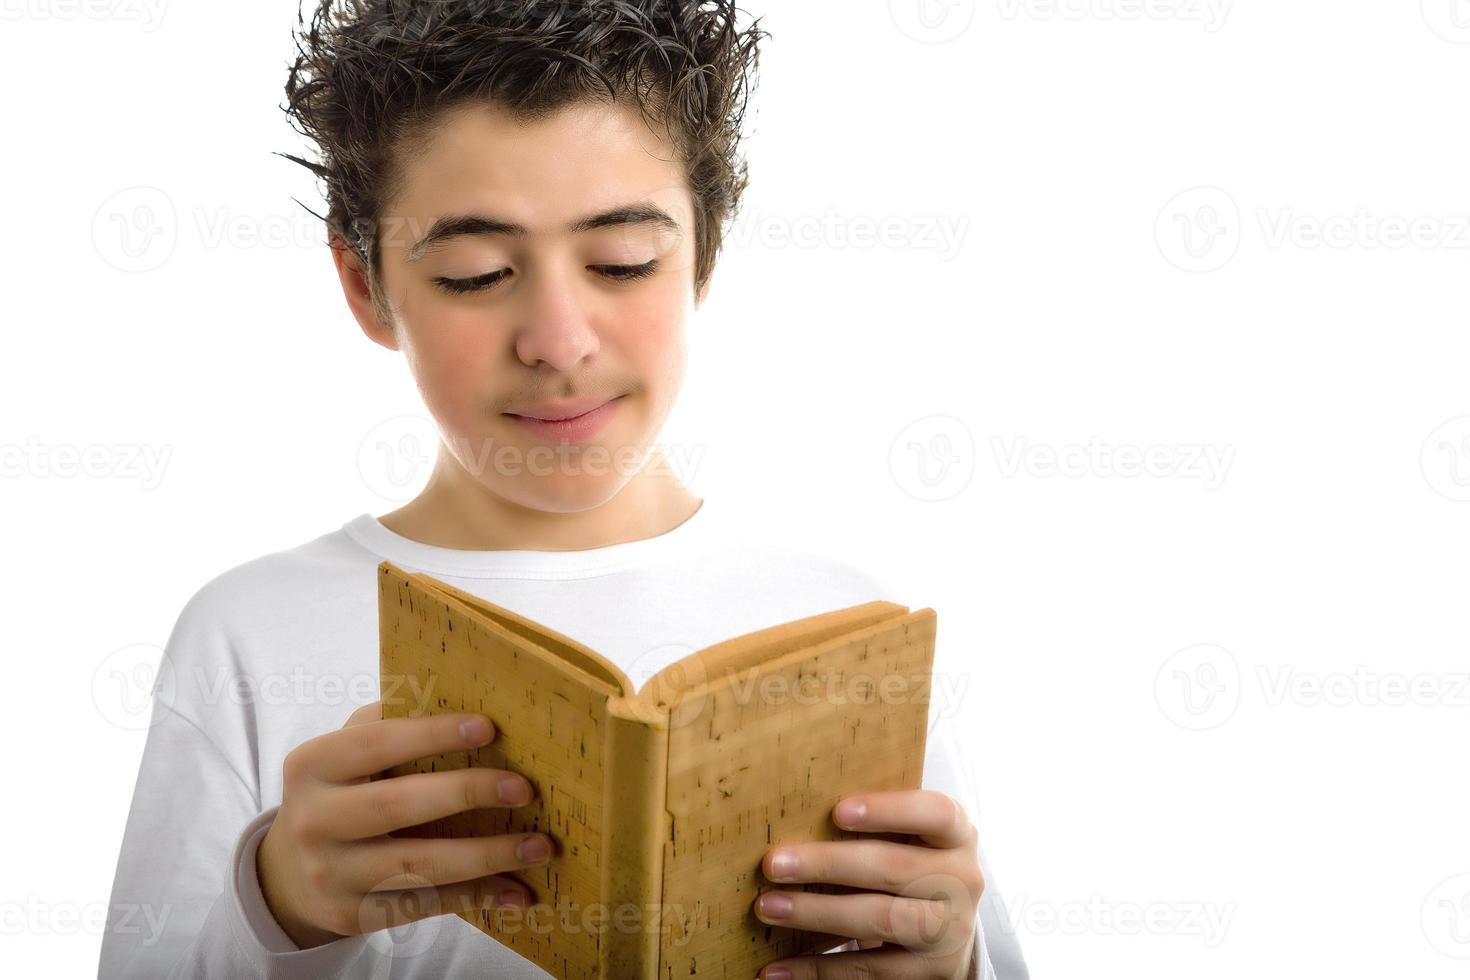 ragazzo carino legge sughero marrone libro bianco sorridente foto